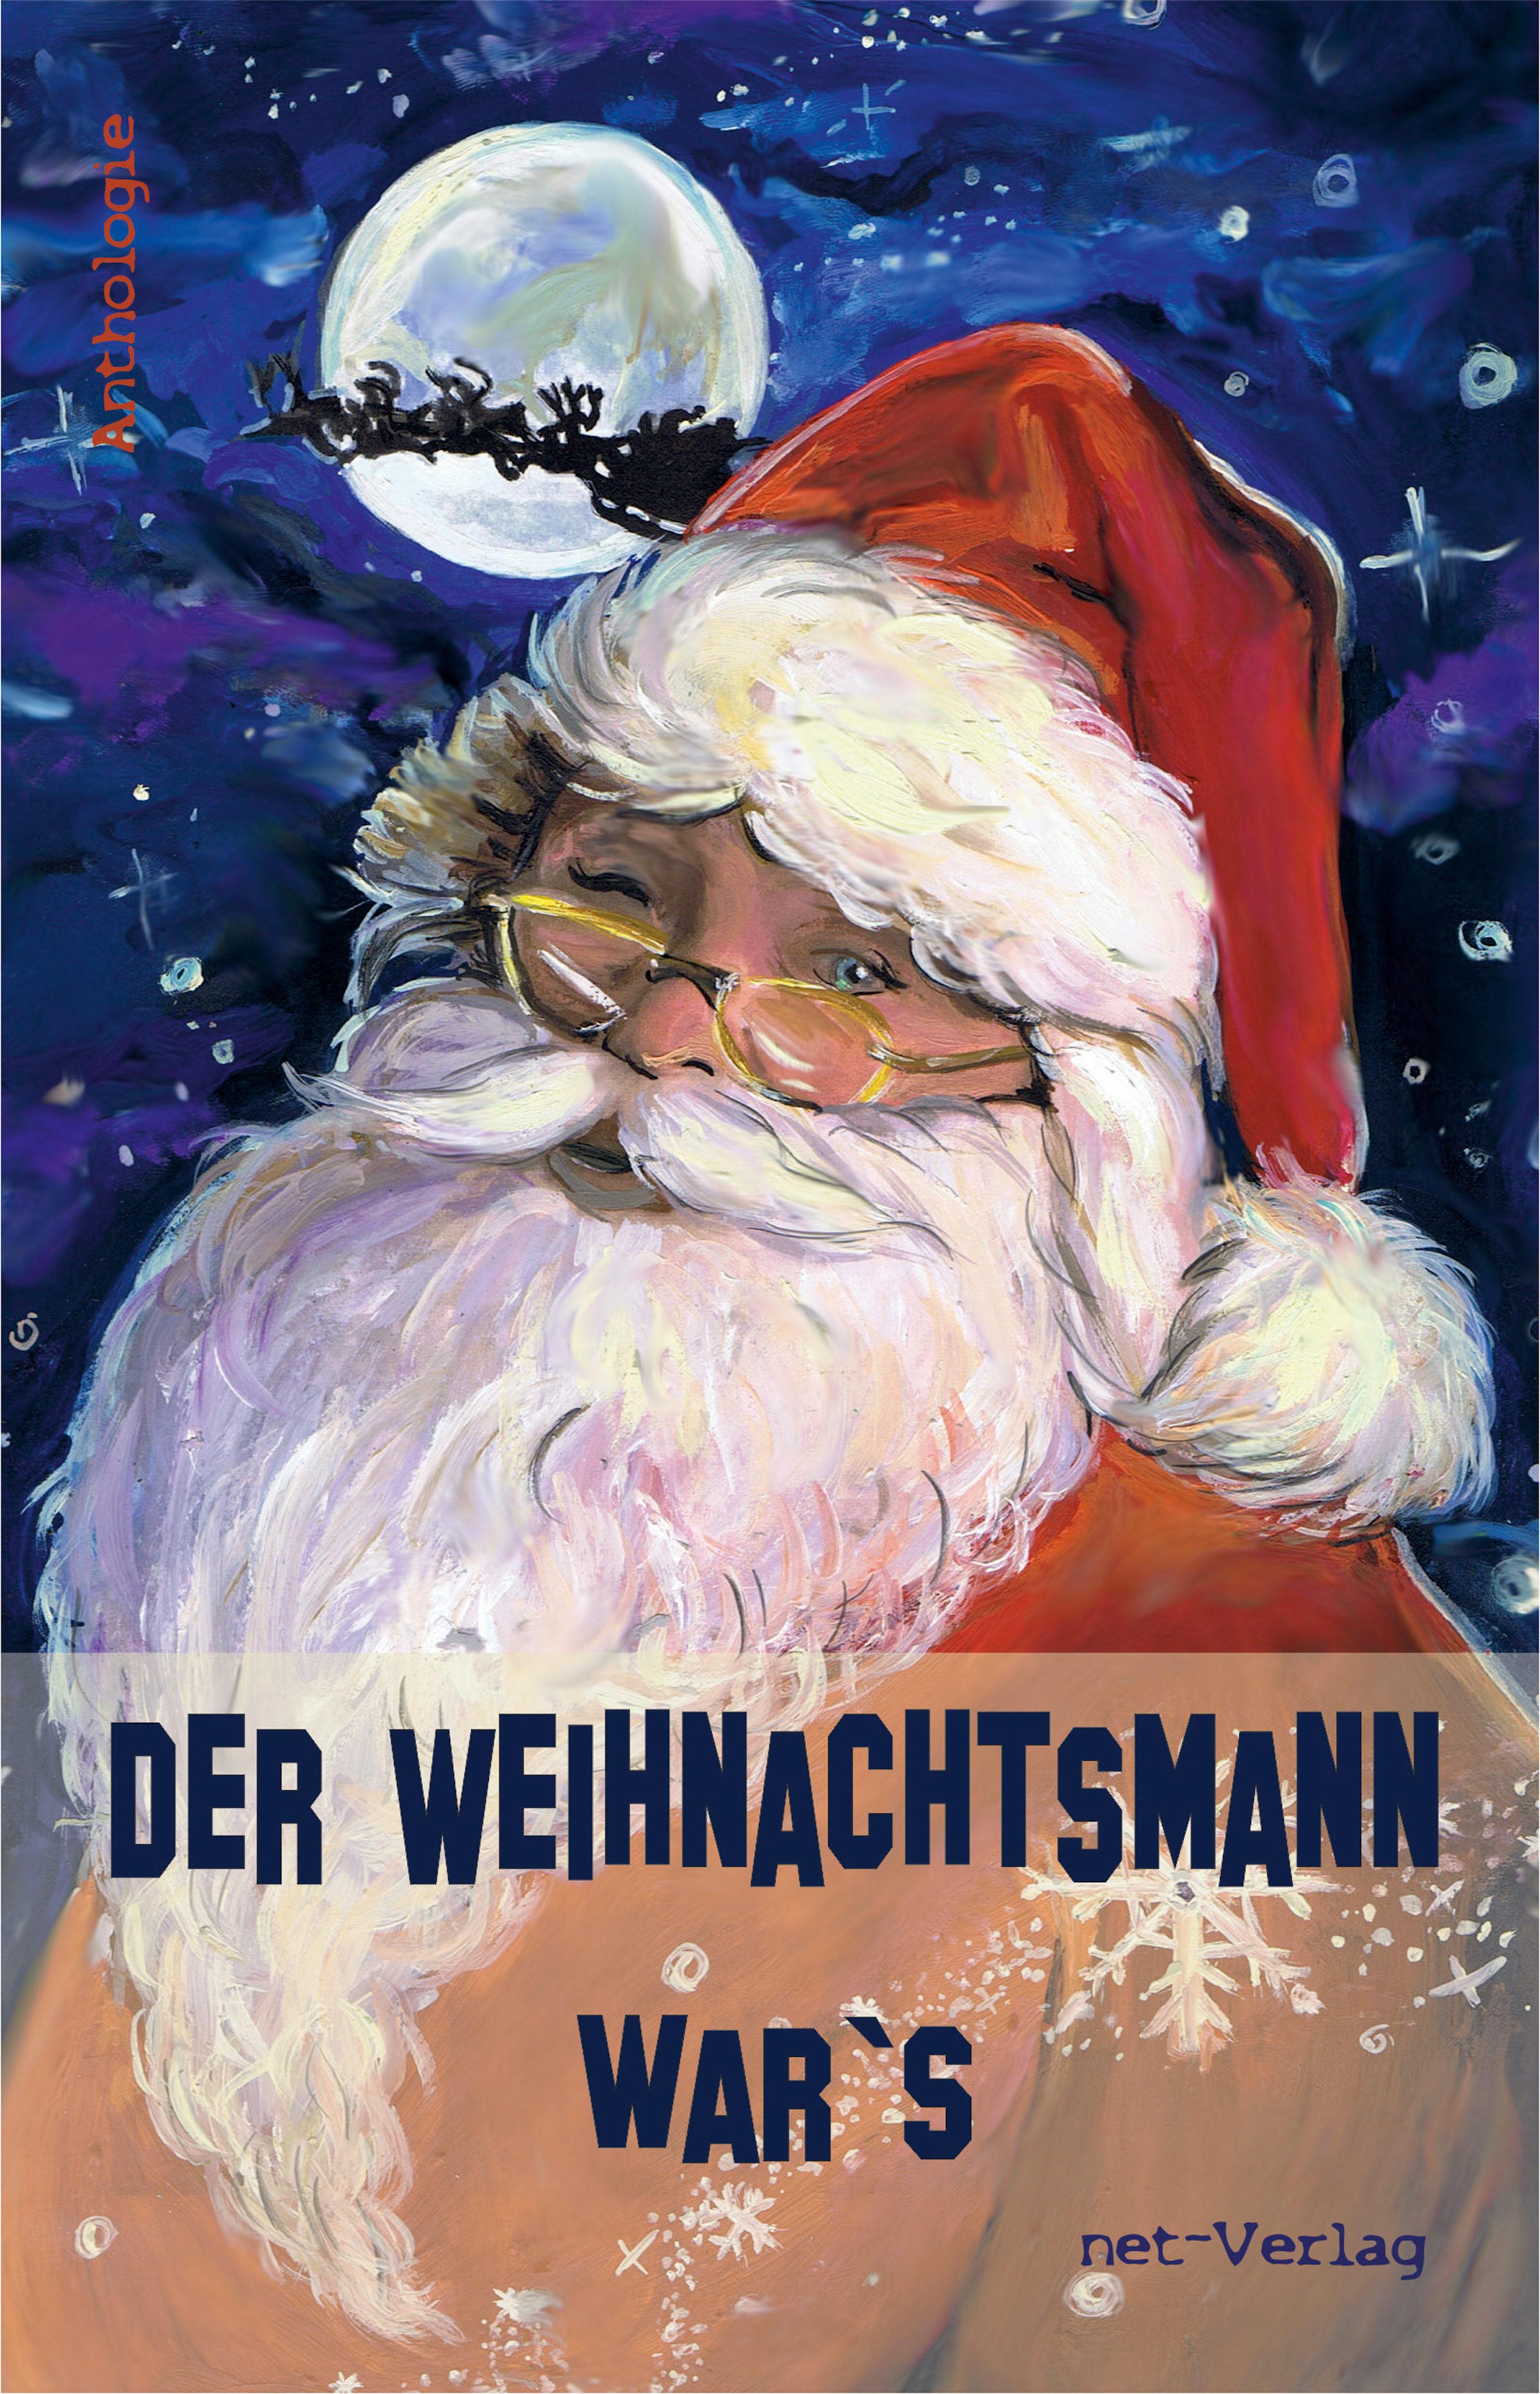 Petra Hagen Der Weihnachtsmann war's